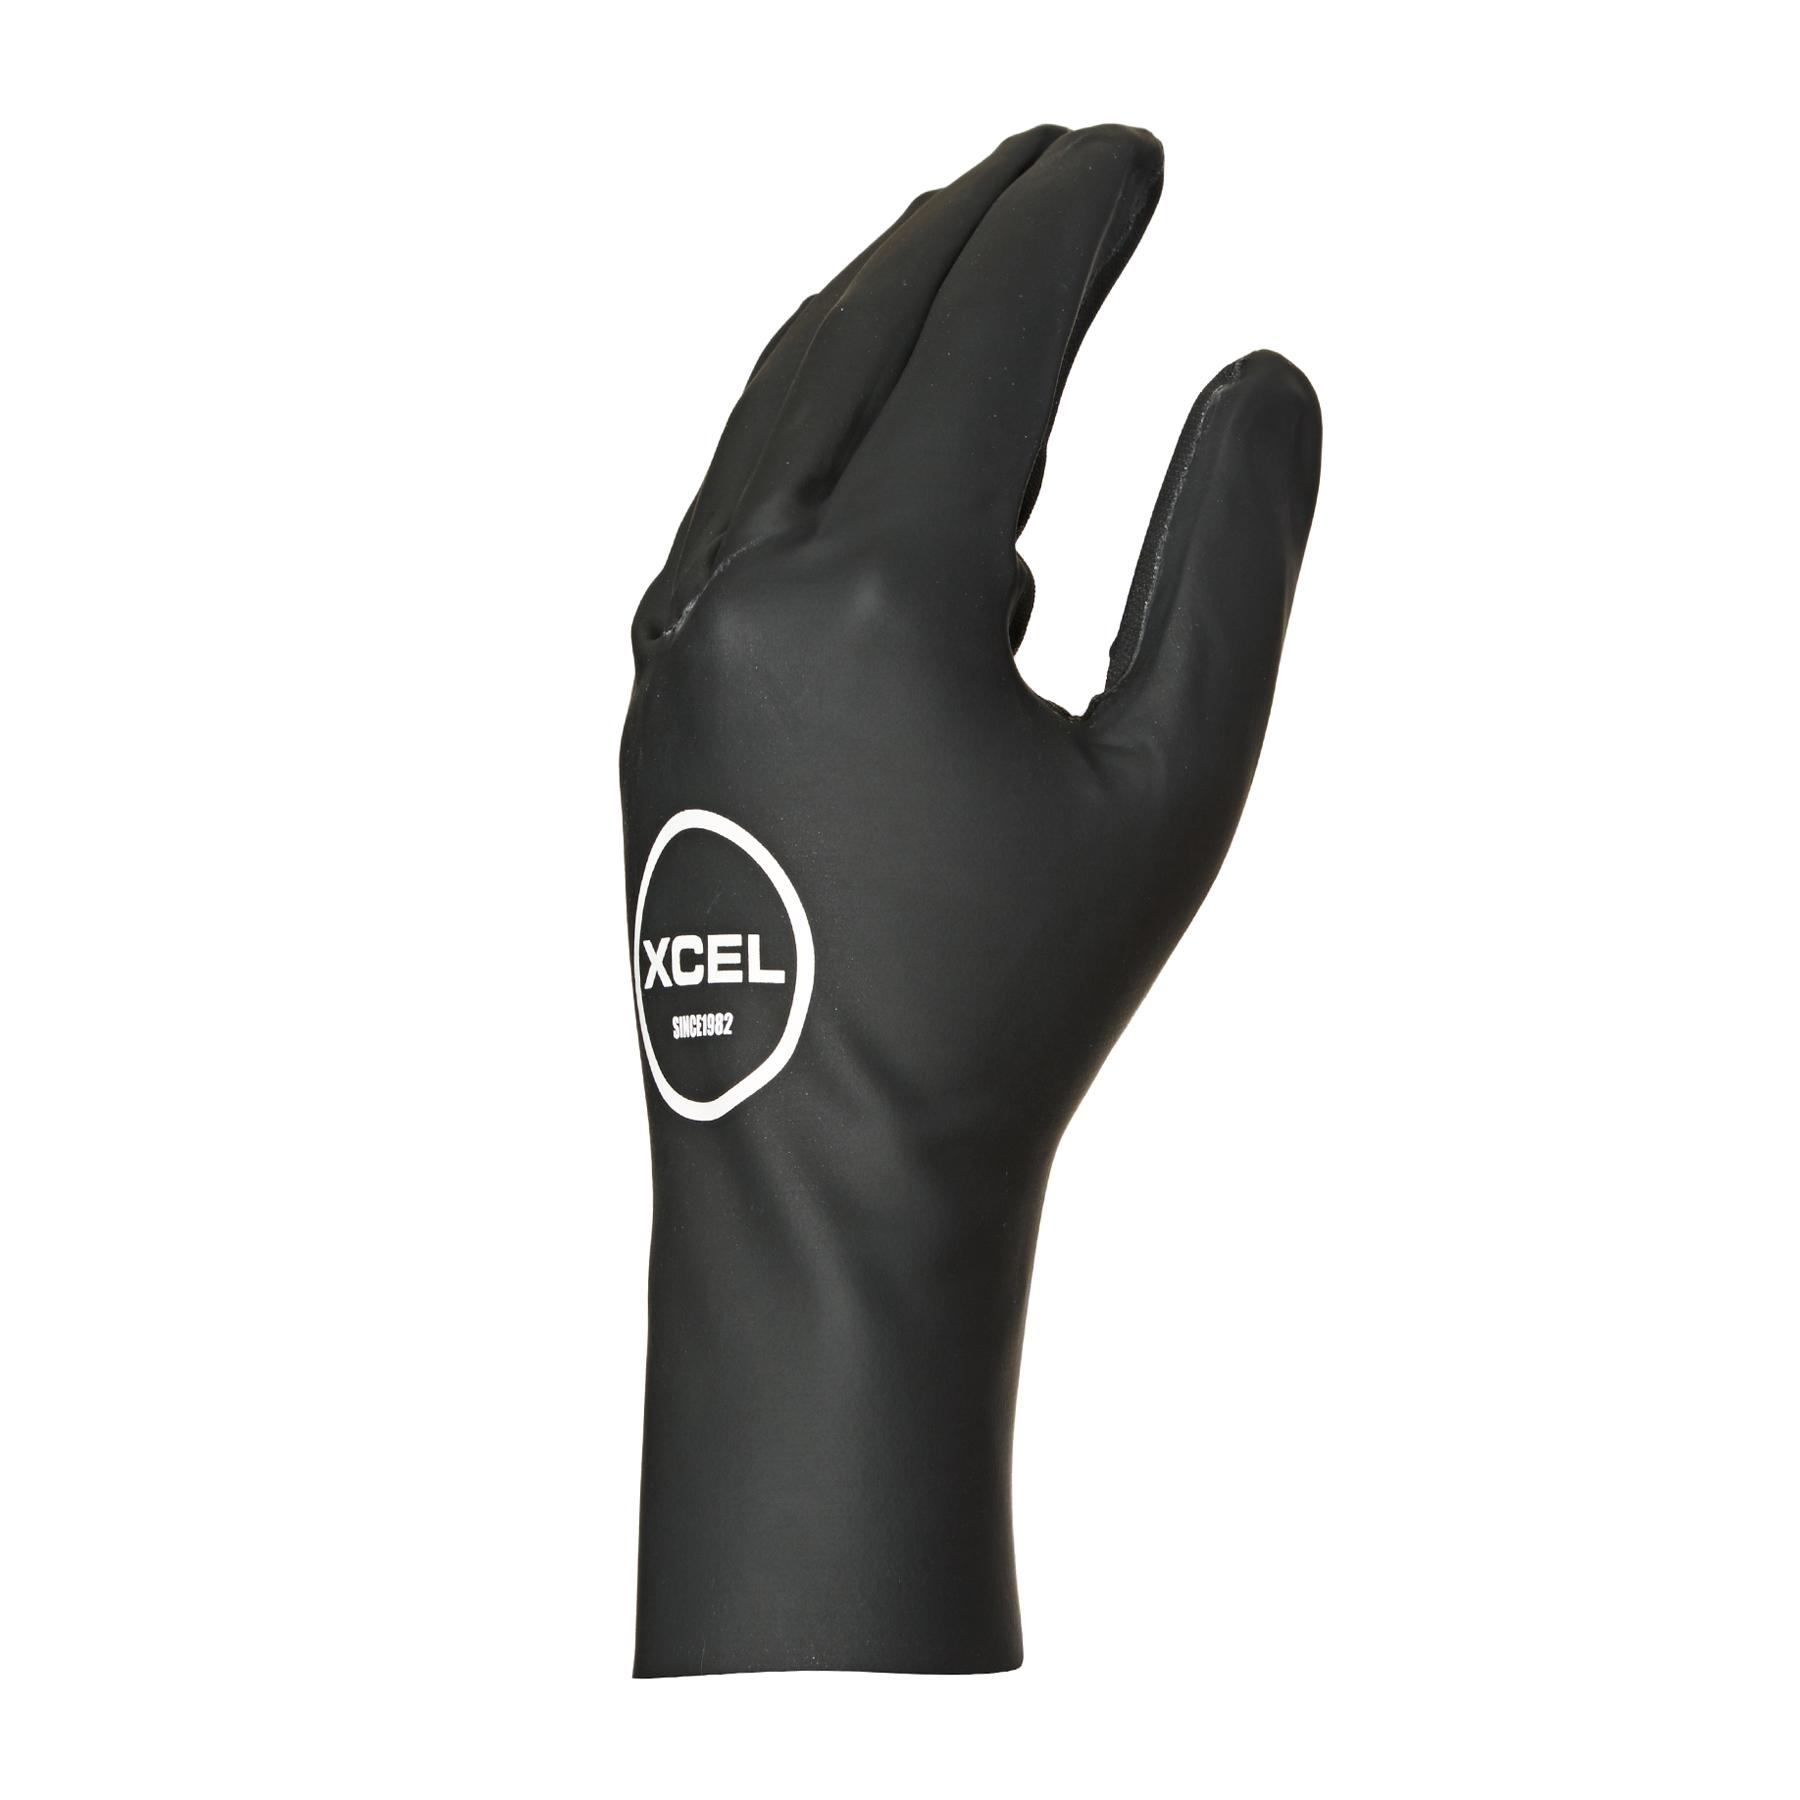 XCEL 0.3mm Infiniti COMP Anti-Glove Glove